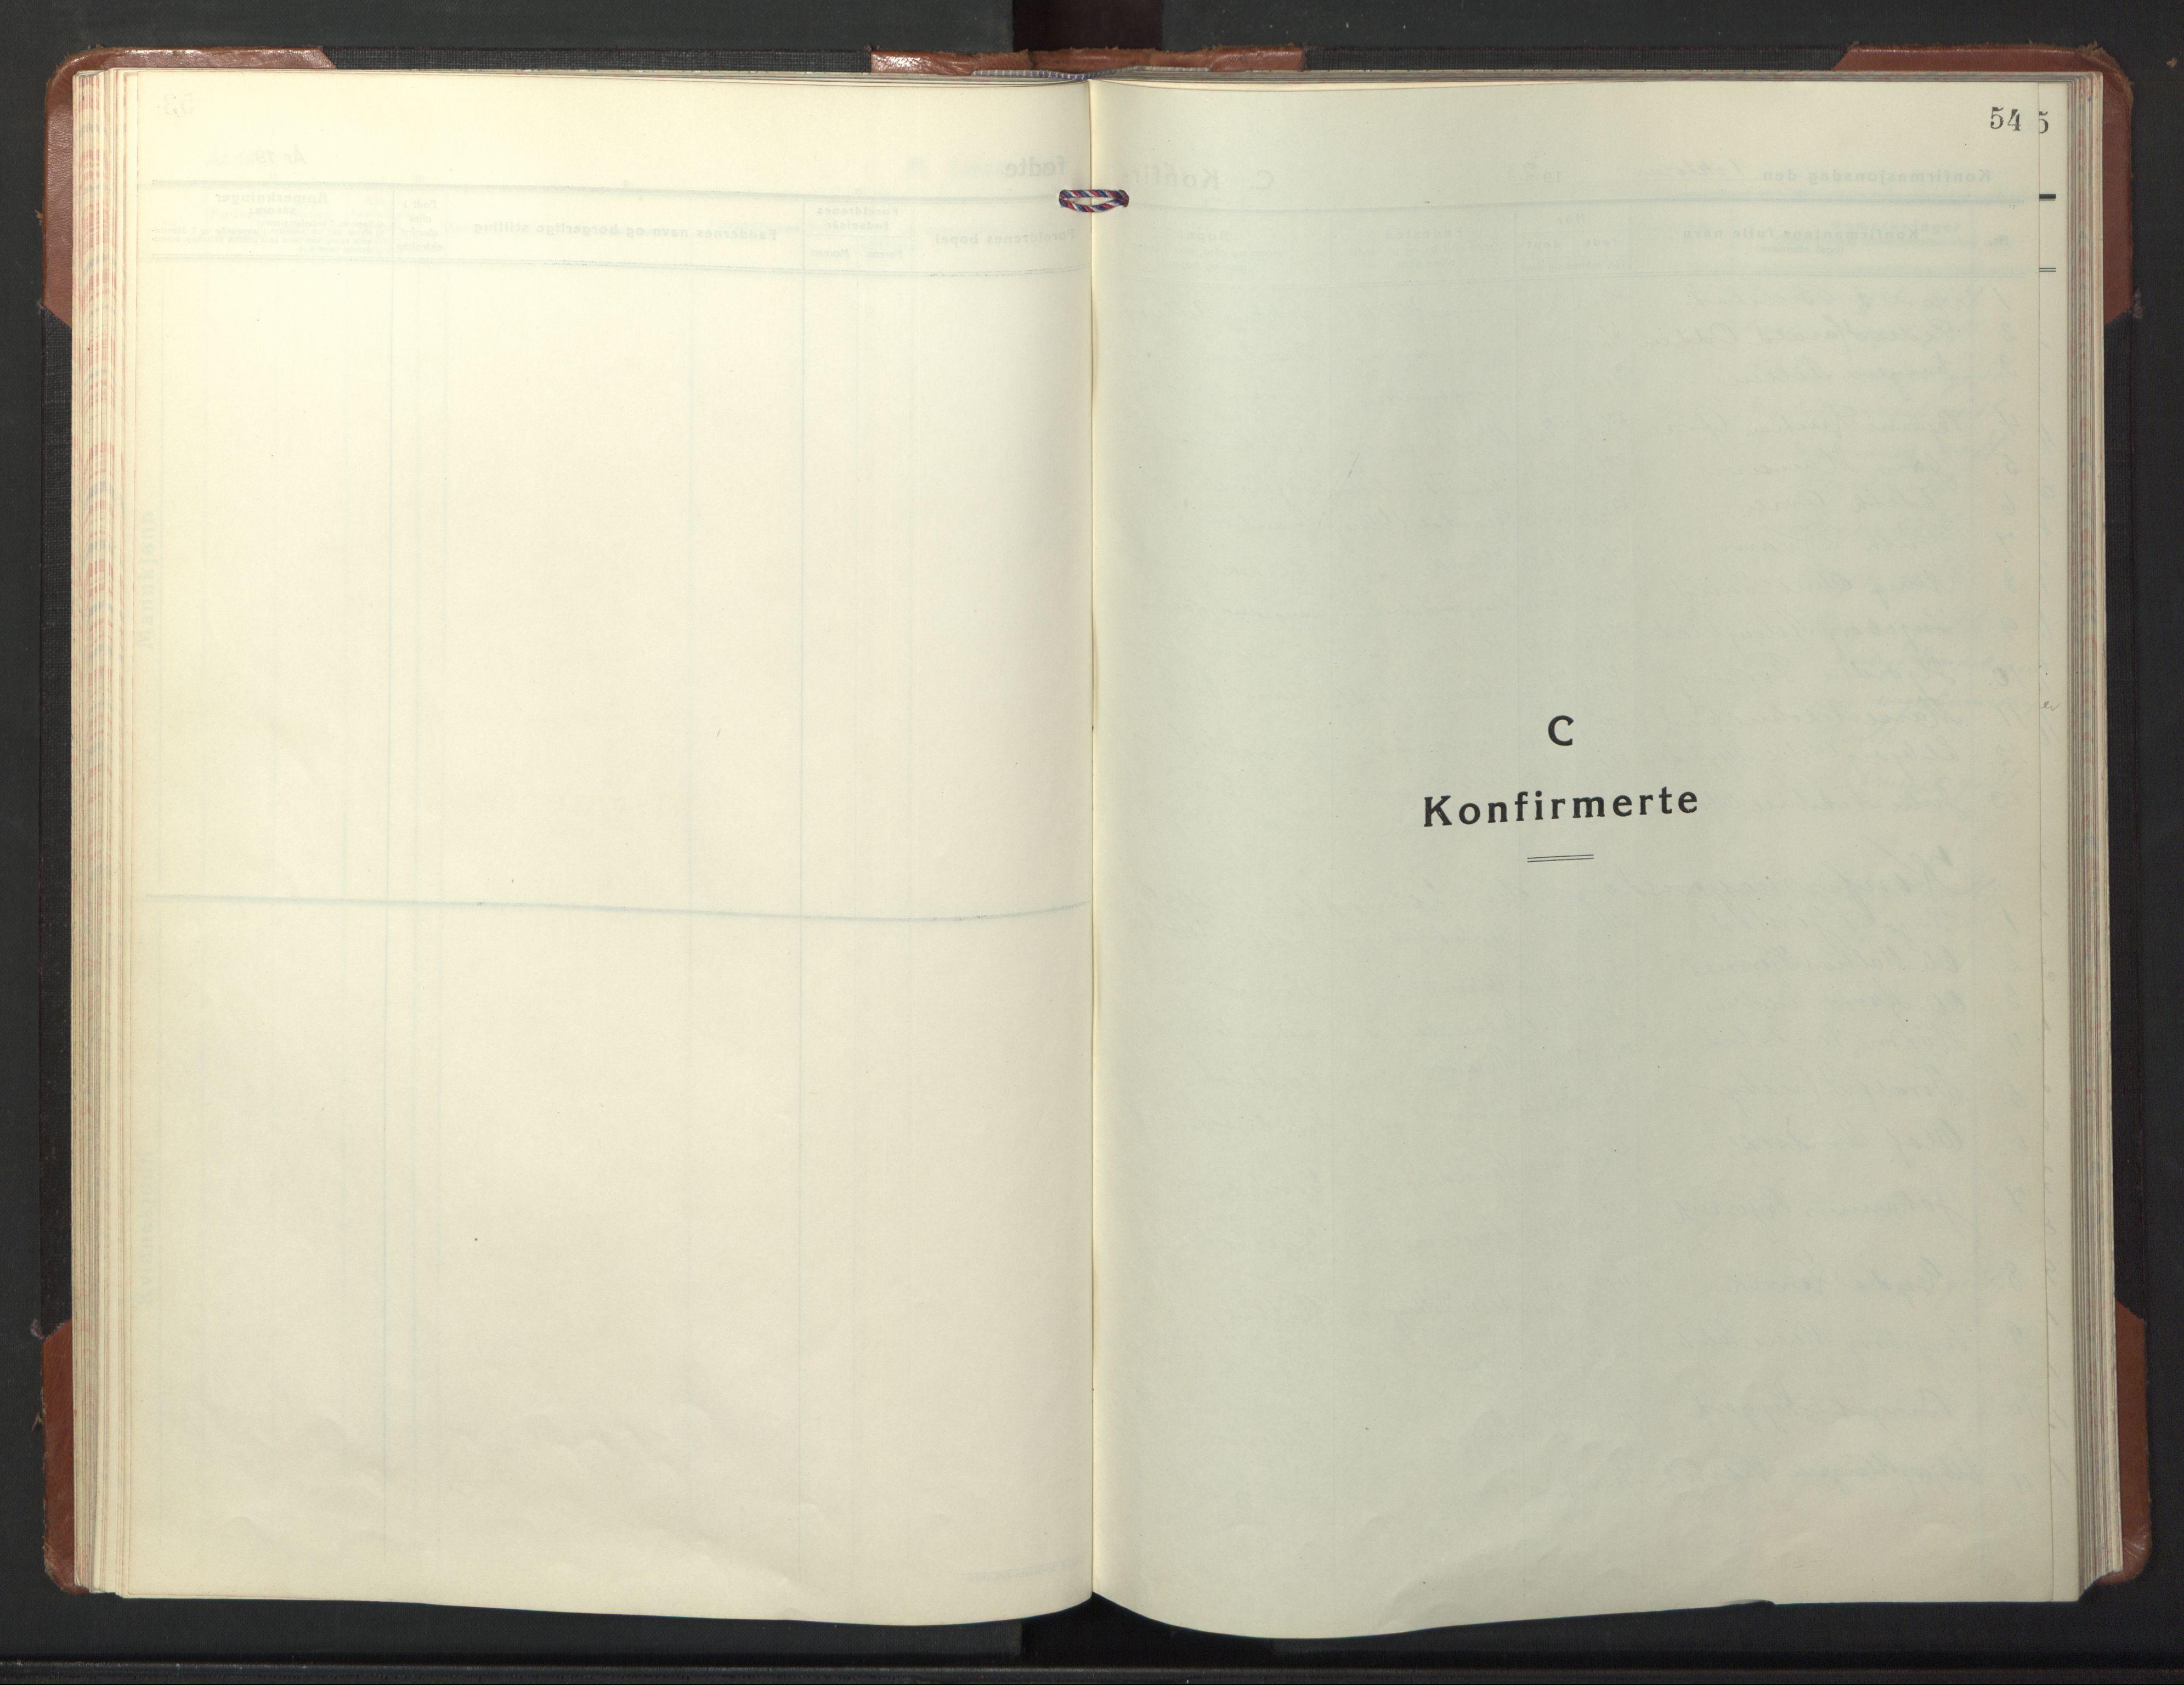 SAT, Ministerialprotokoller, klokkerbøker og fødselsregistre - Nord-Trøndelag, 722/L0227: Klokkerbok nr. 722C03, 1928-1958, s. 54